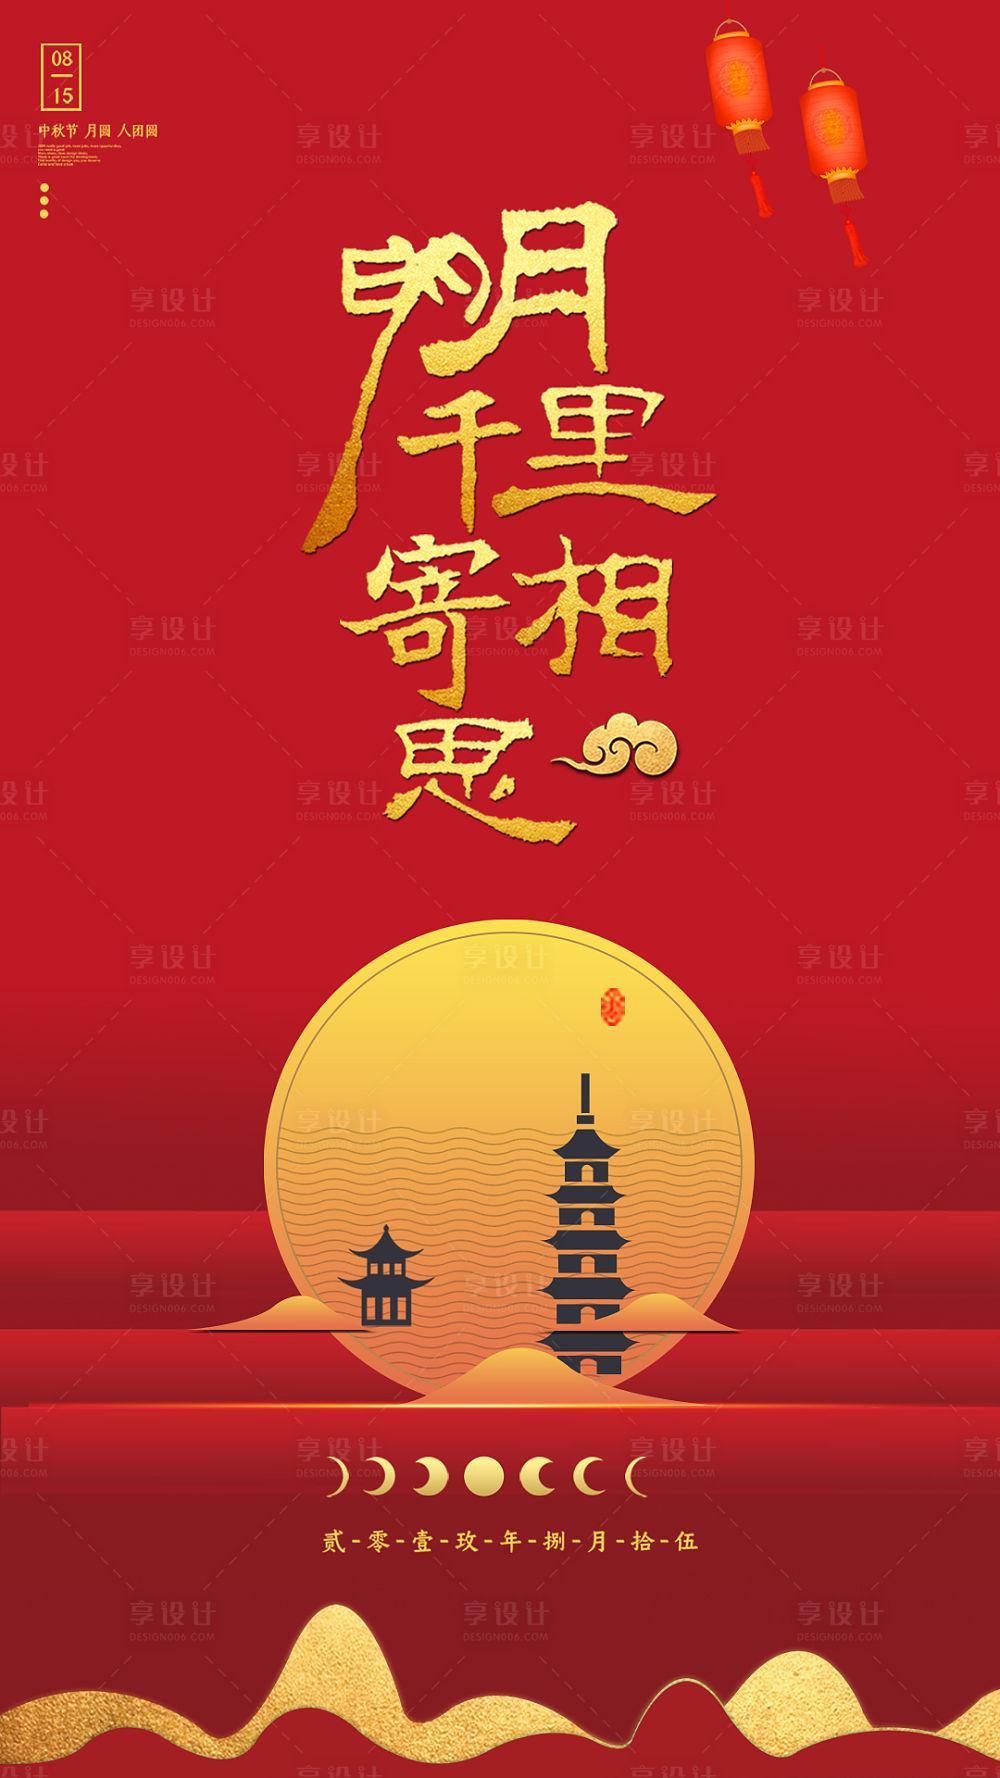 【源文件下载】 海报 中秋节 中国传统节日 月亮 简约 大气 中式 金色 意境